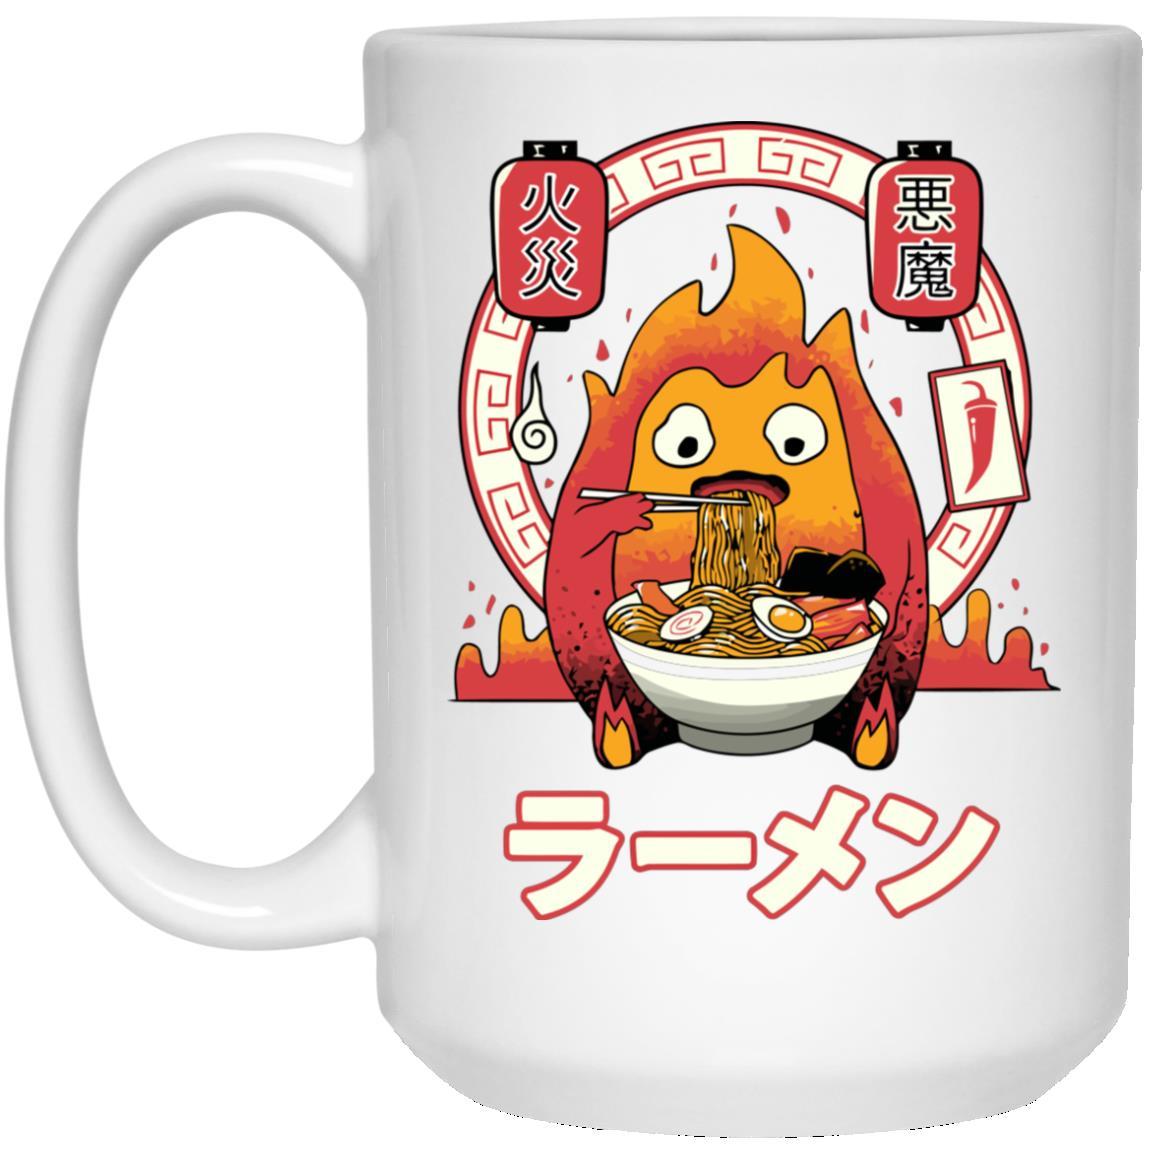 Howl's Moving Castle – Calcifer Loves Ramen Mug